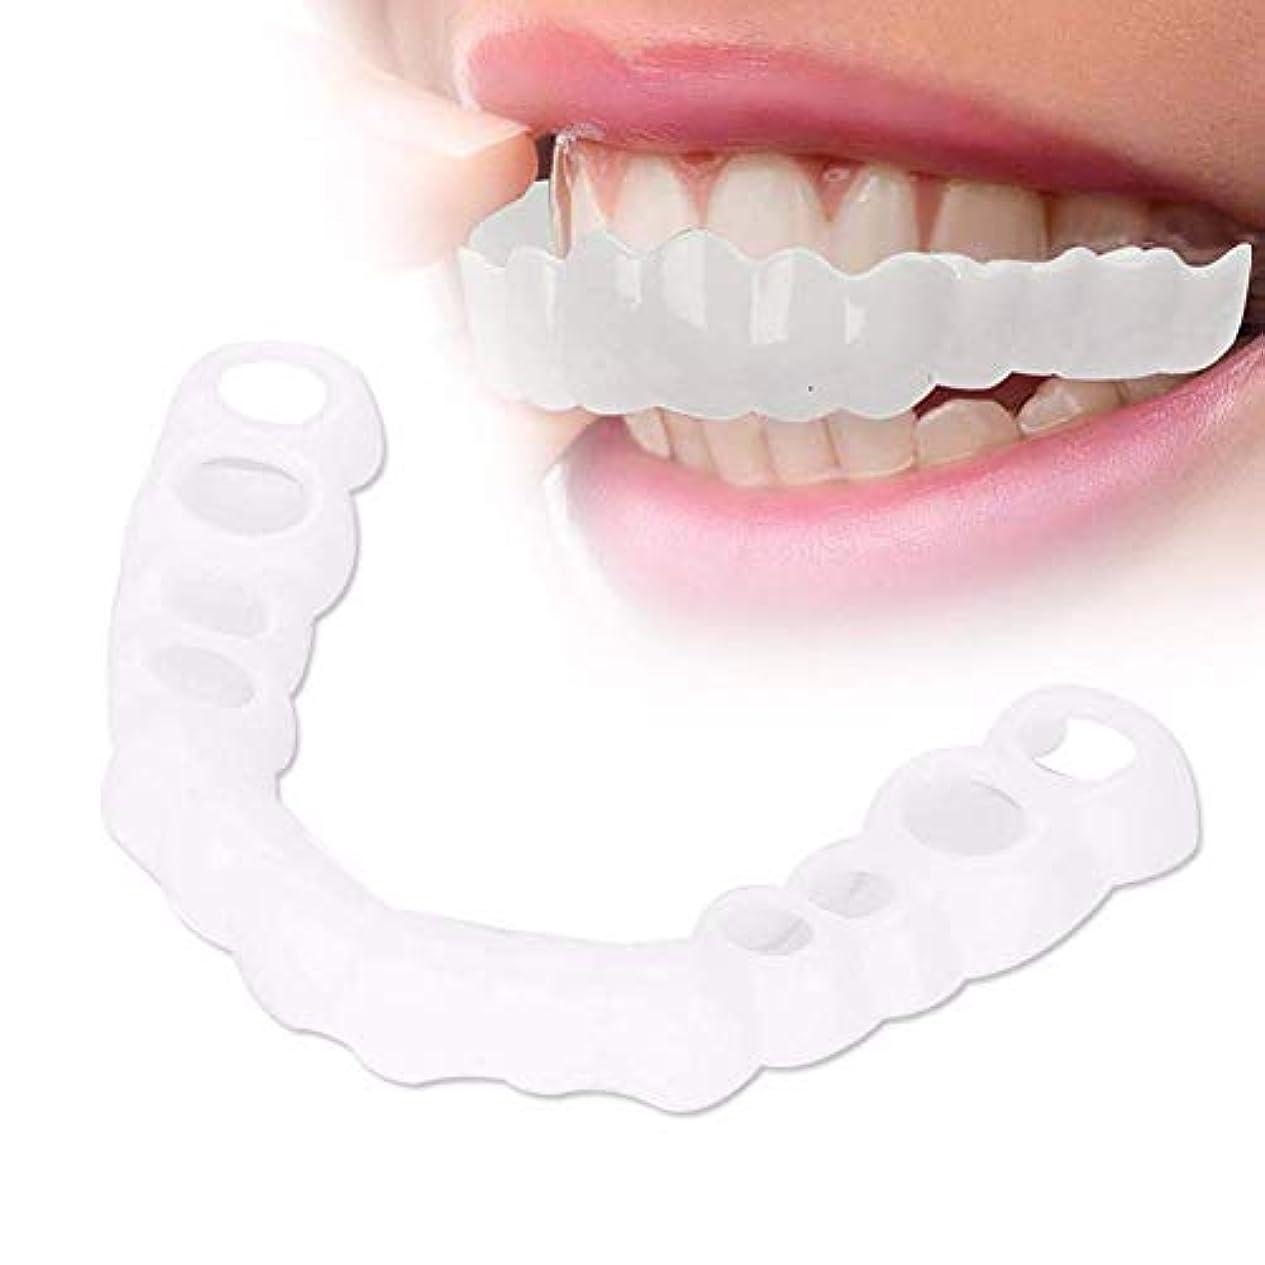 あいにく大宇宙実質的パーフェクトスマイル入れ歯の10セット、シリコーンシミュレーション、上の歯、ホワイトニング入れ歯